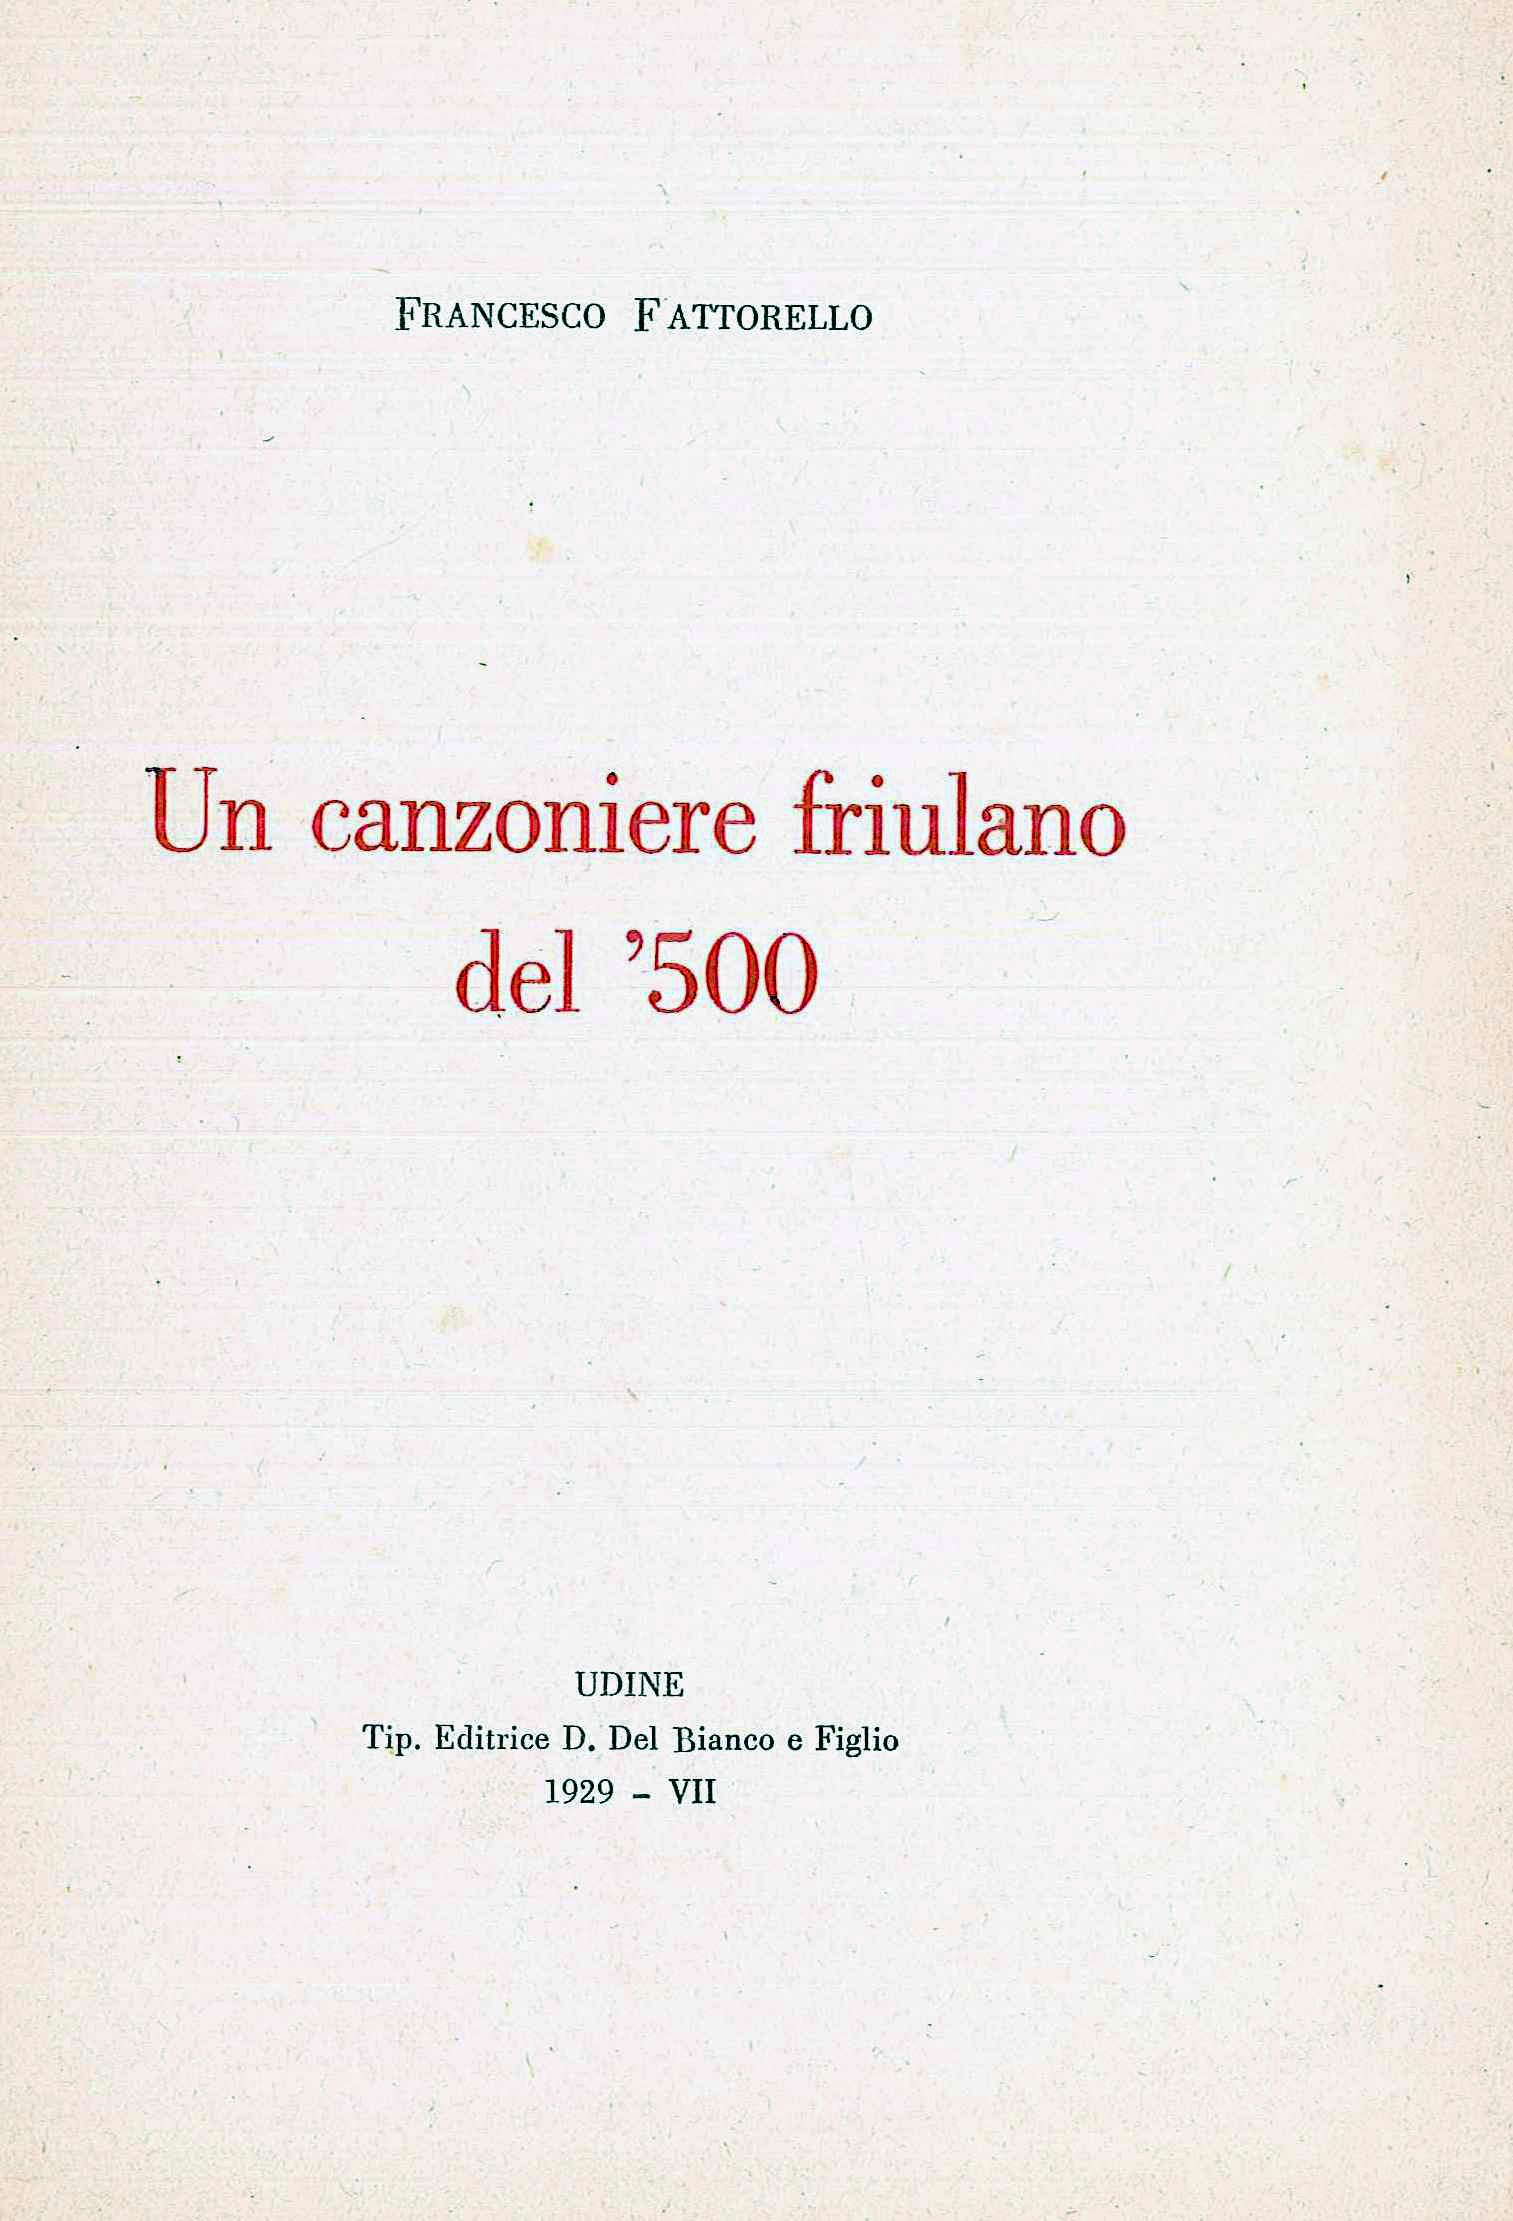 Un canzoniere friulano del '500 (Tipografia D. Del Bianco e figlio - Udine 1929 - VII)